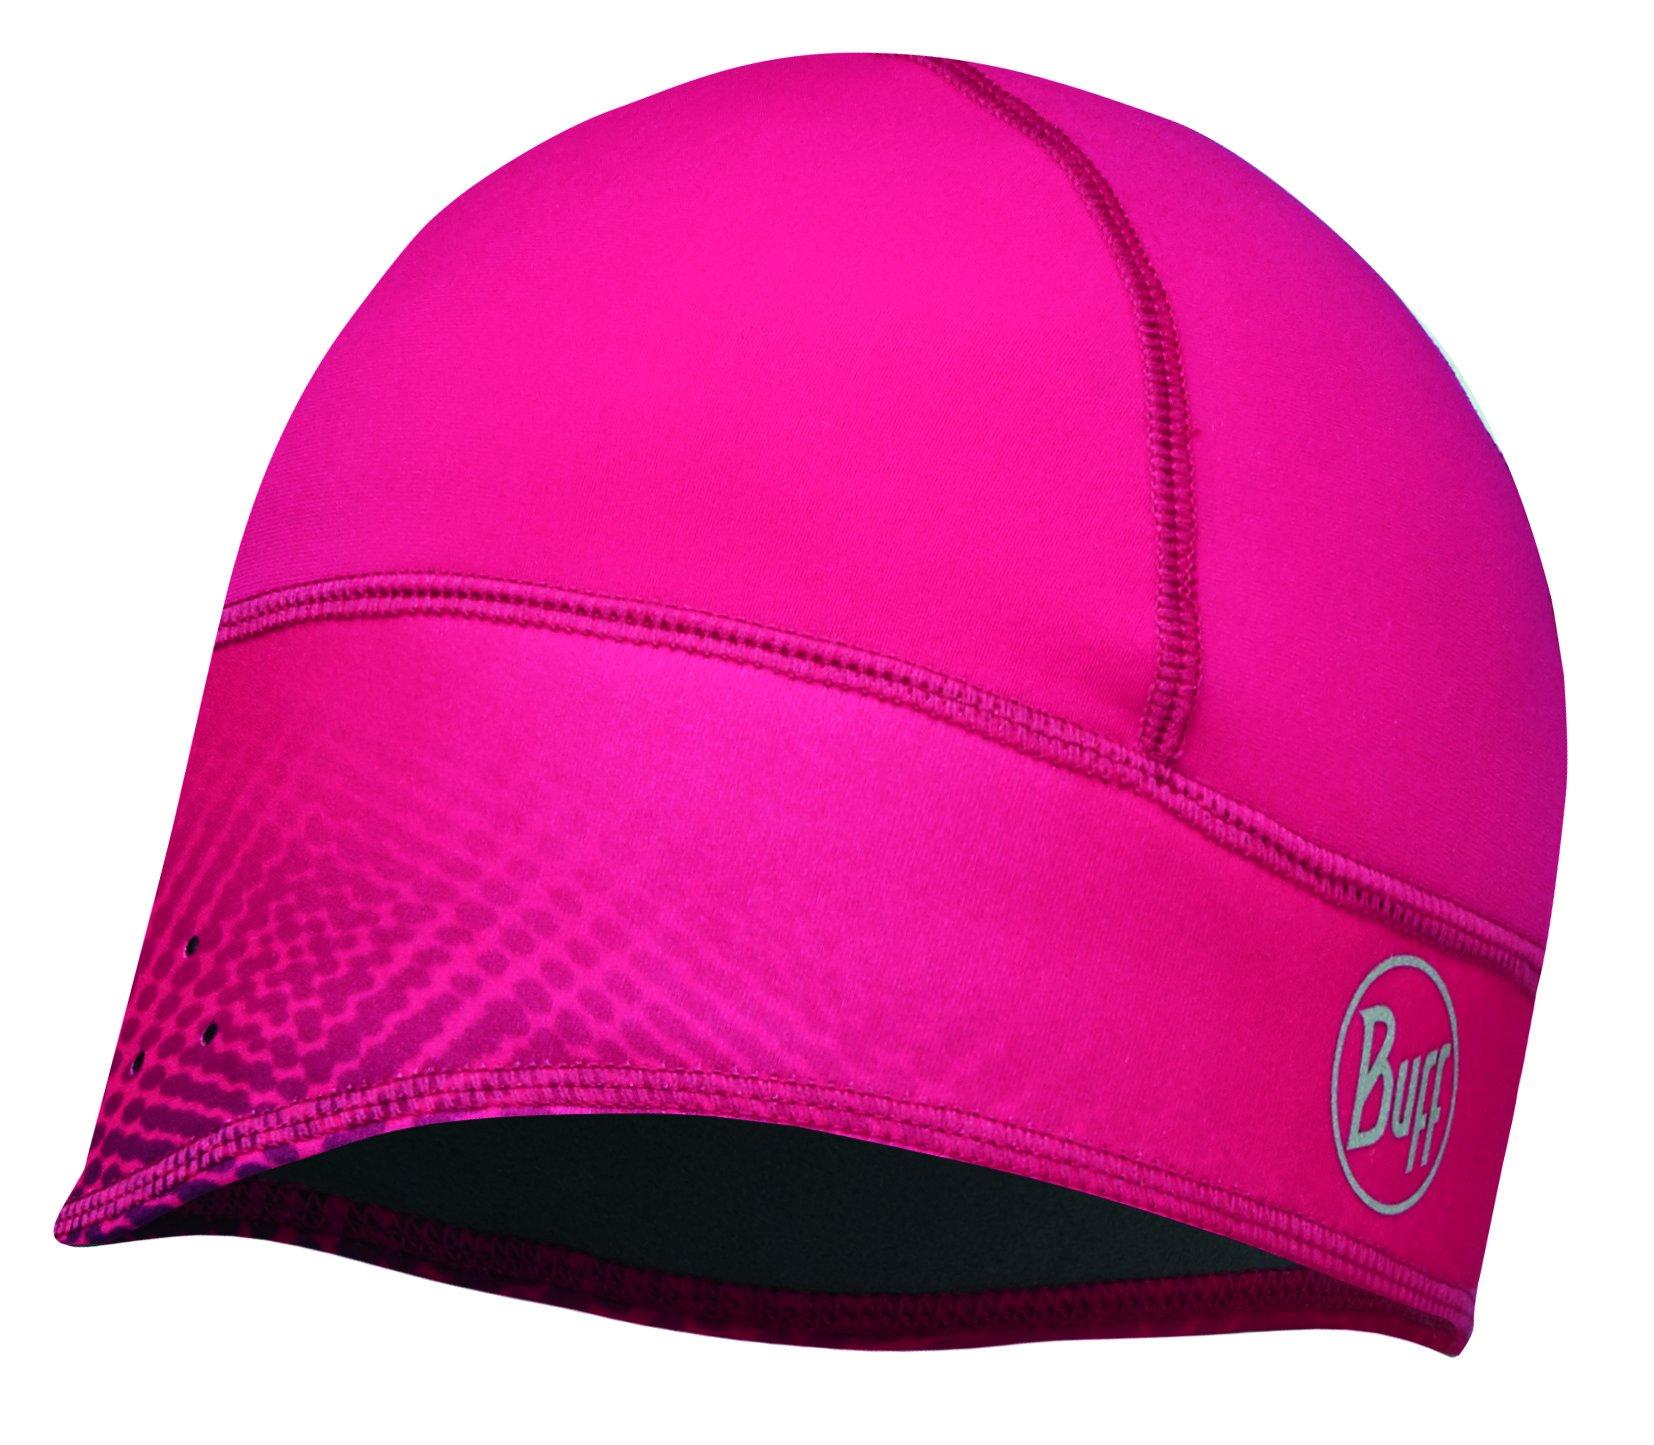 Buff Mütze Windproof und Tech Fleece Hat, Xtreme Pink, Erwachsene, 113390.538.1